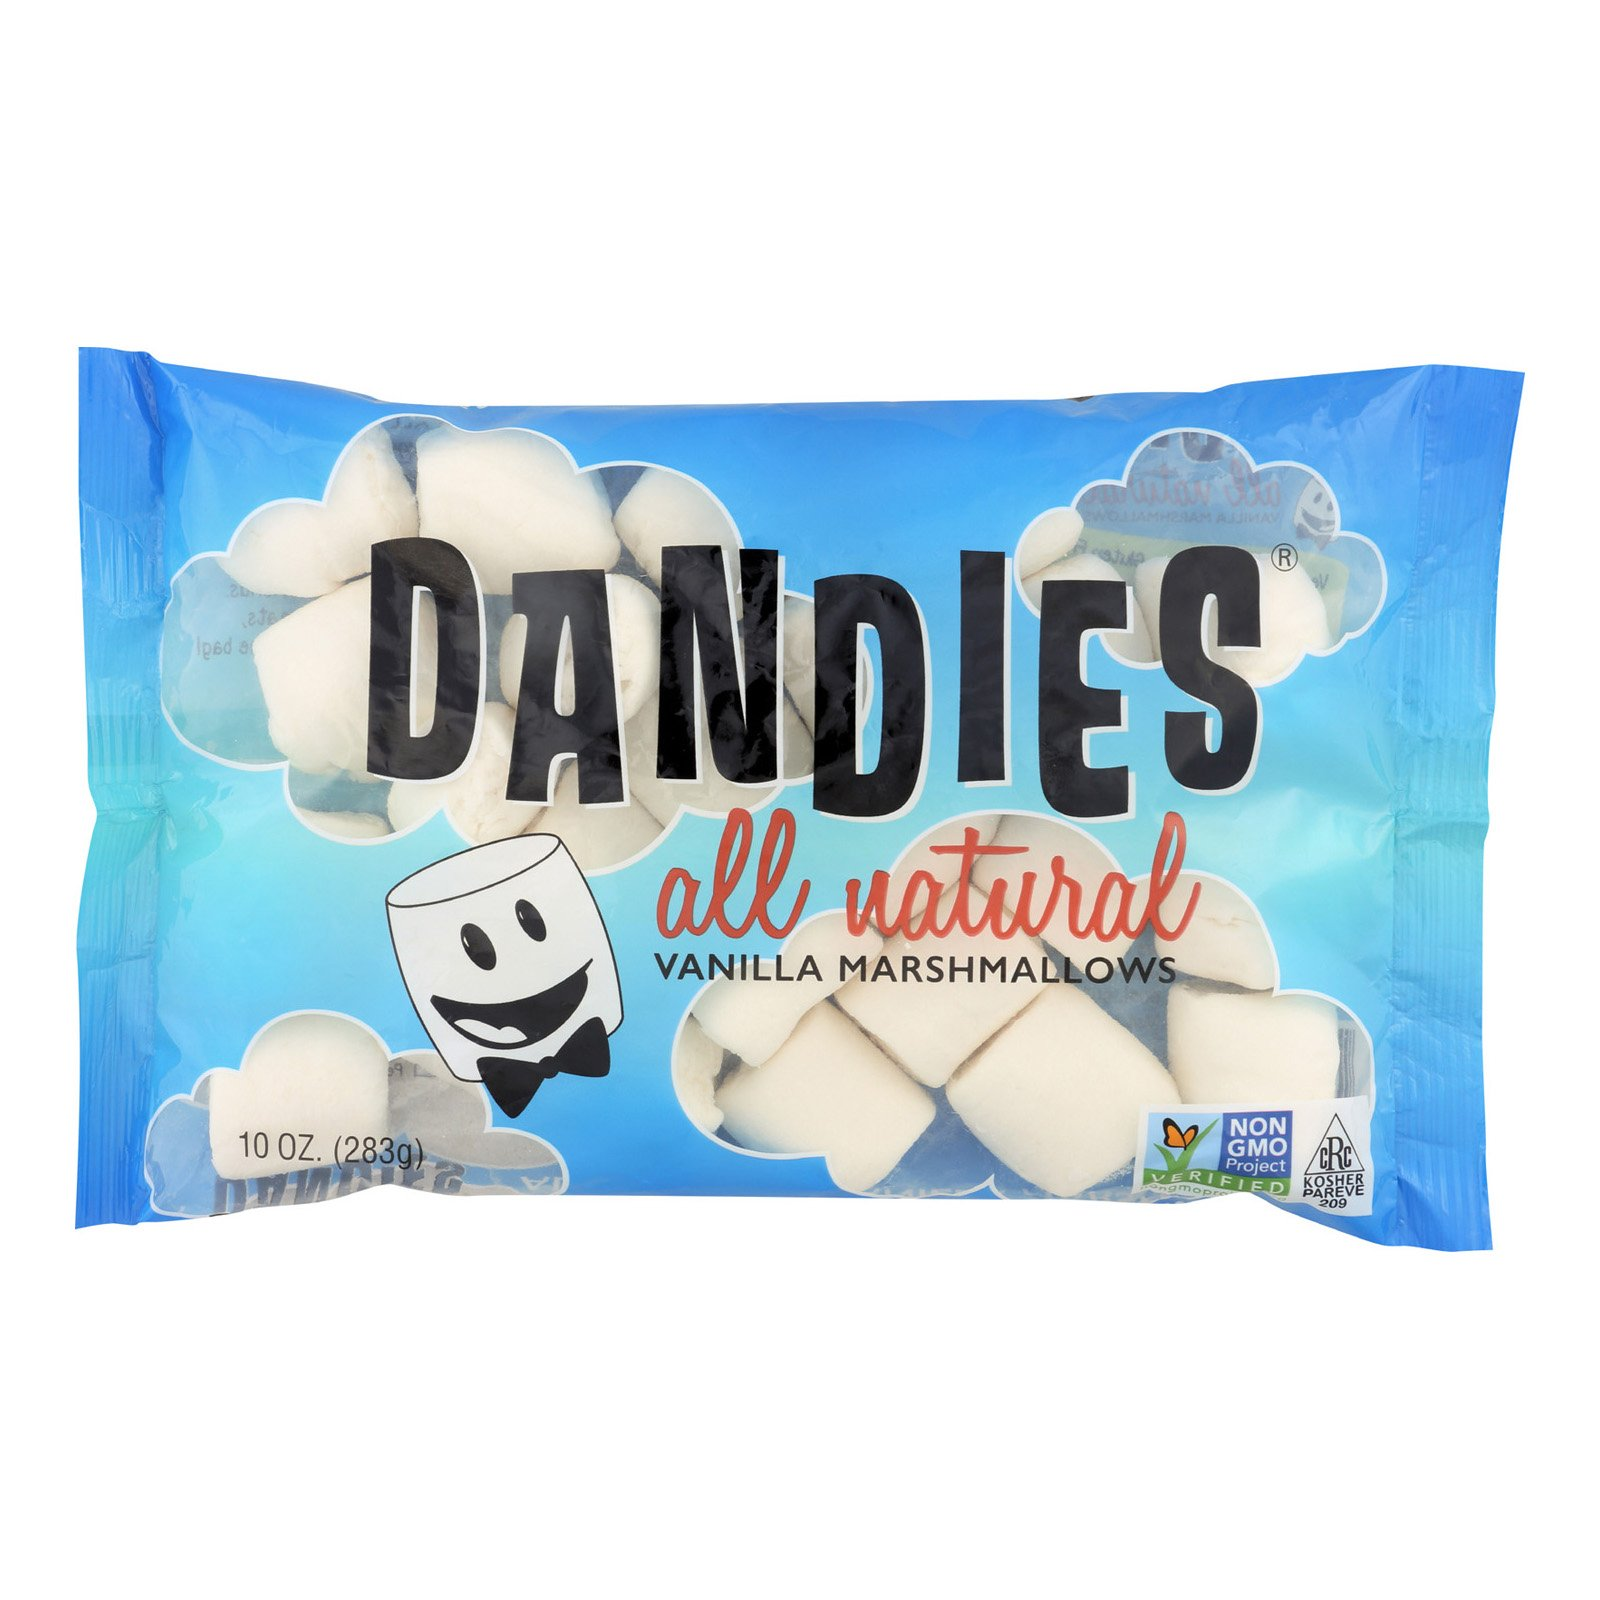 Dandies Air Puffed Marshmallows - Classic Vanilla - Case of 12 - 10 oz.